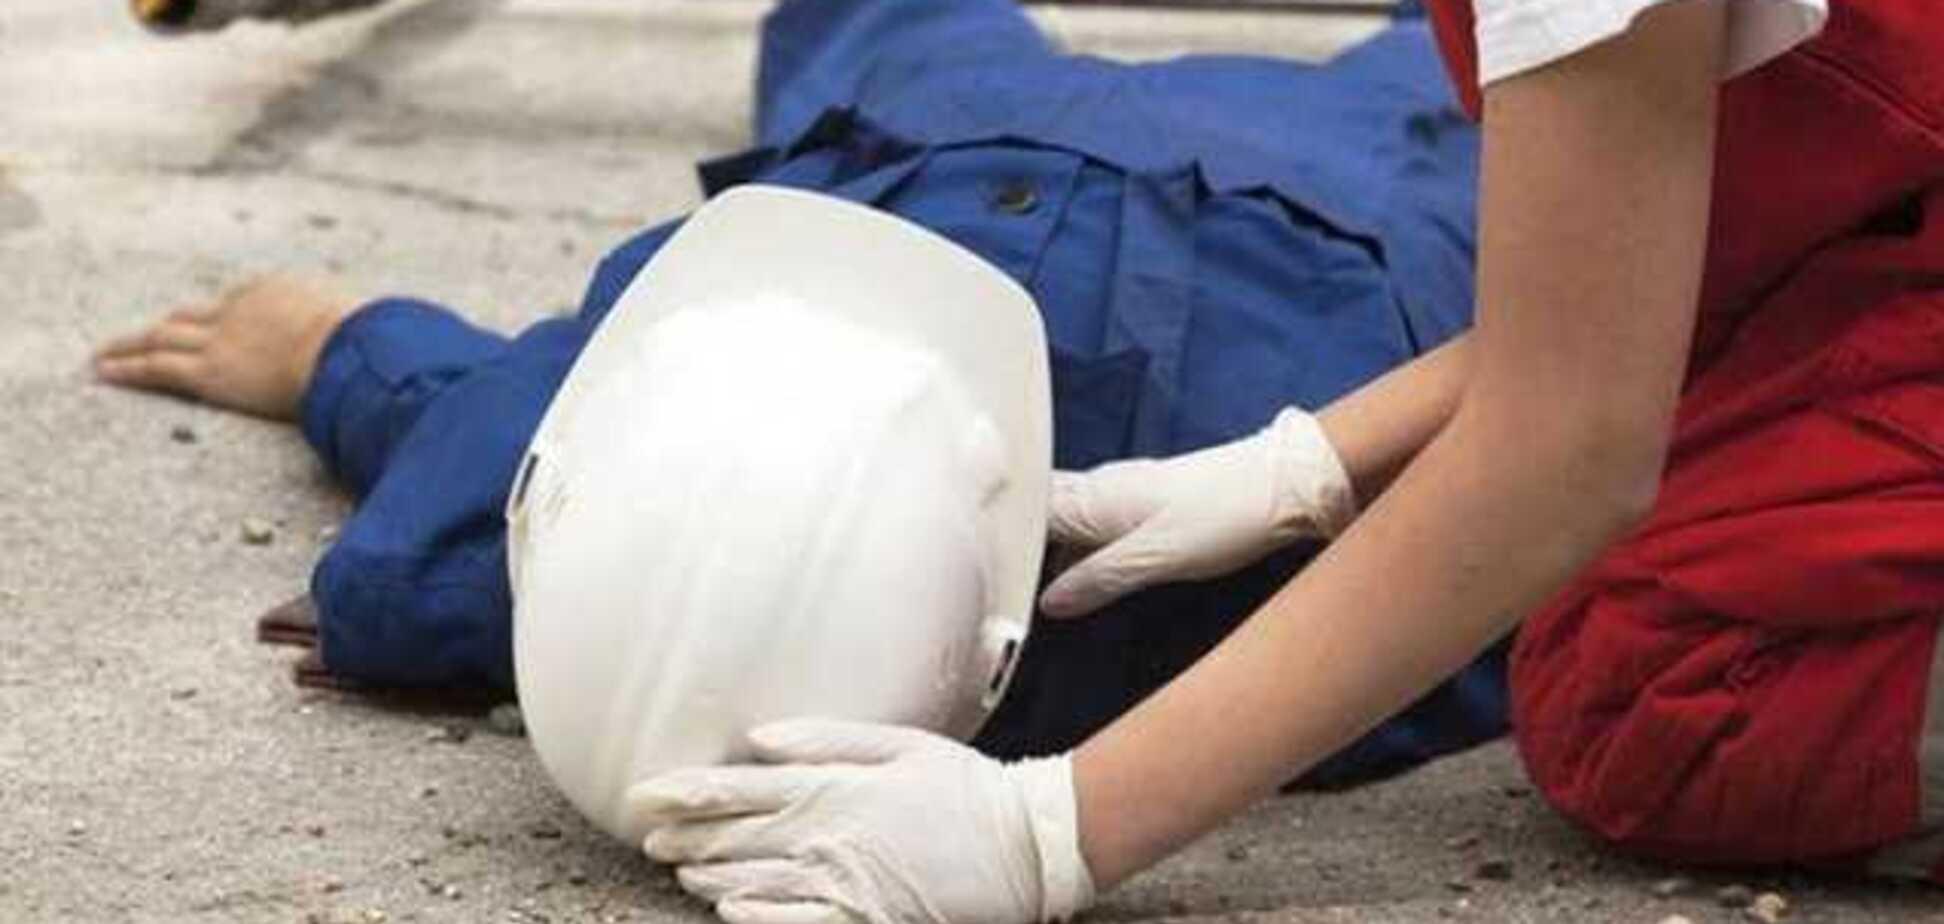 На Дніпропетровщині чоловік трагічно загинув на заводі: подробиці